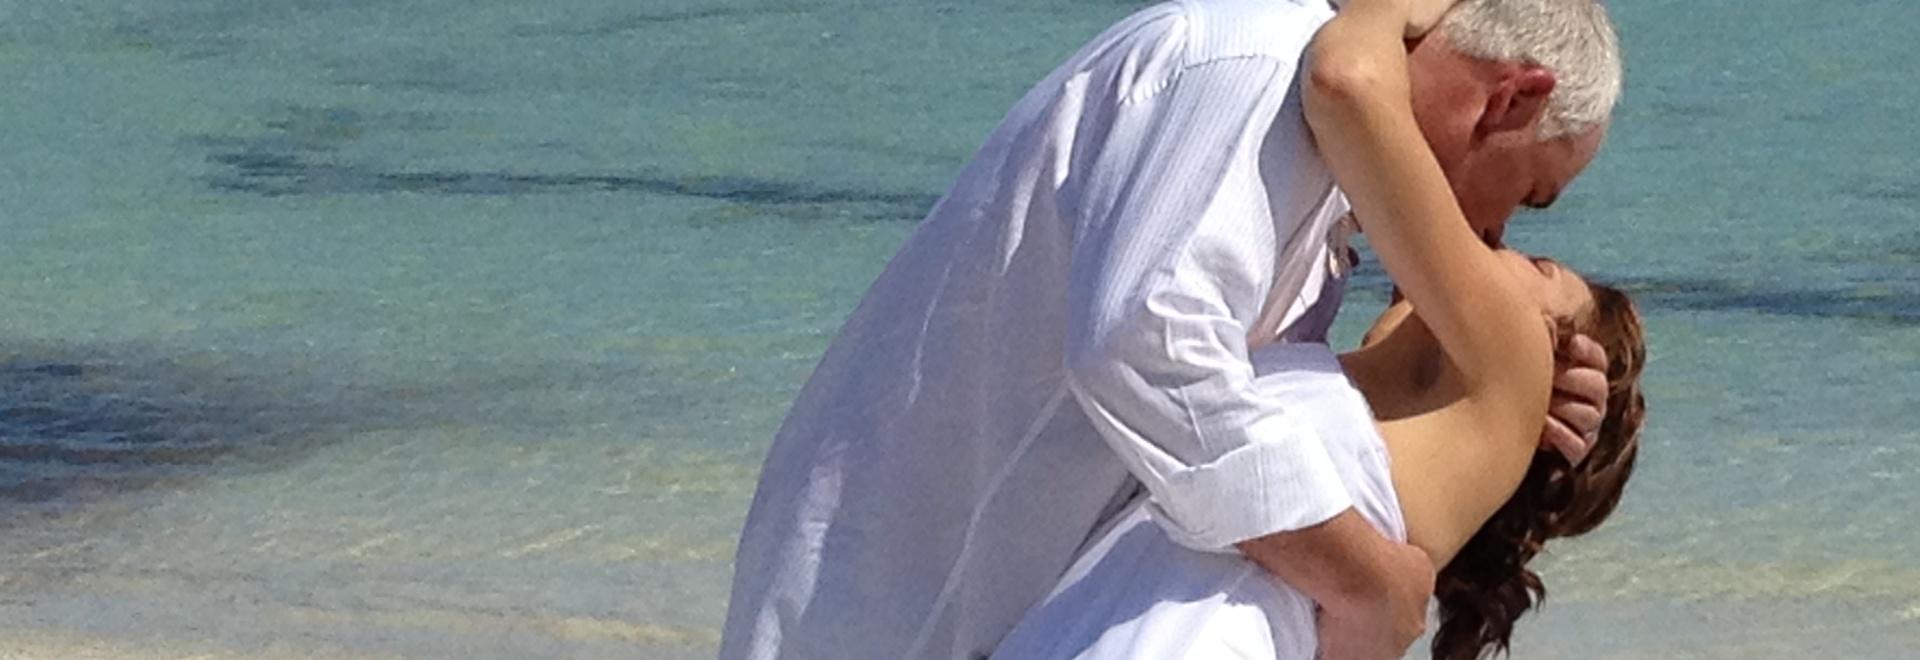 Matrimoni ai Caraibi